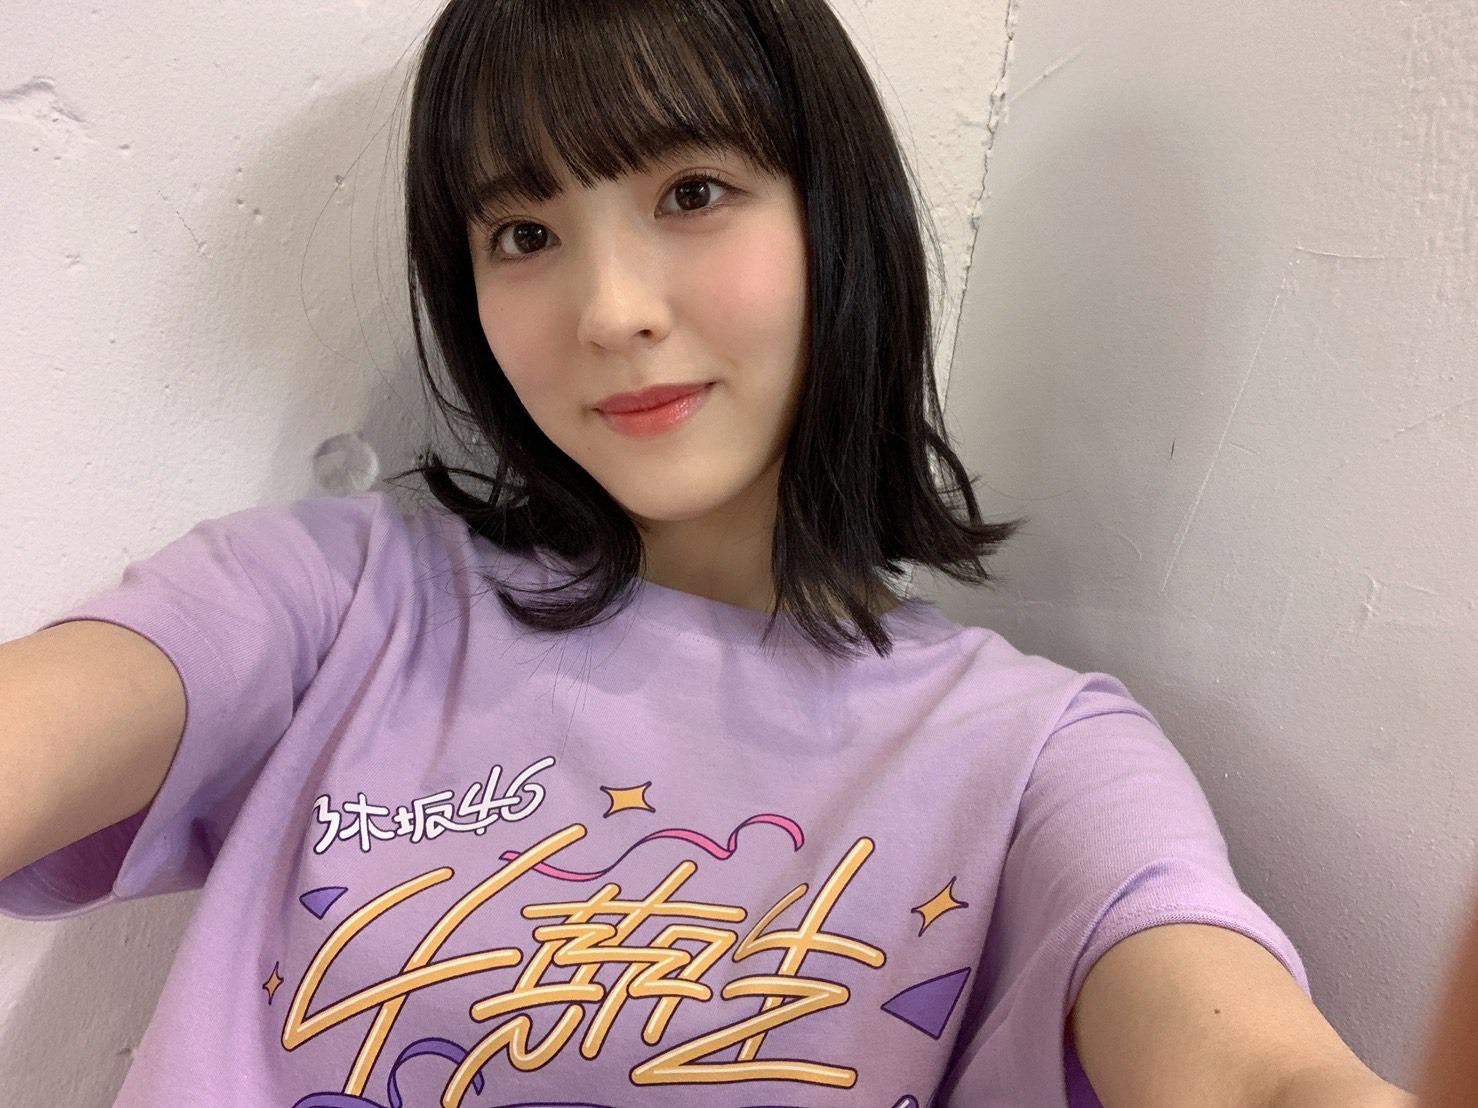 乃木坂46 4期生ライブ2020 Tシャツ 早川聖来